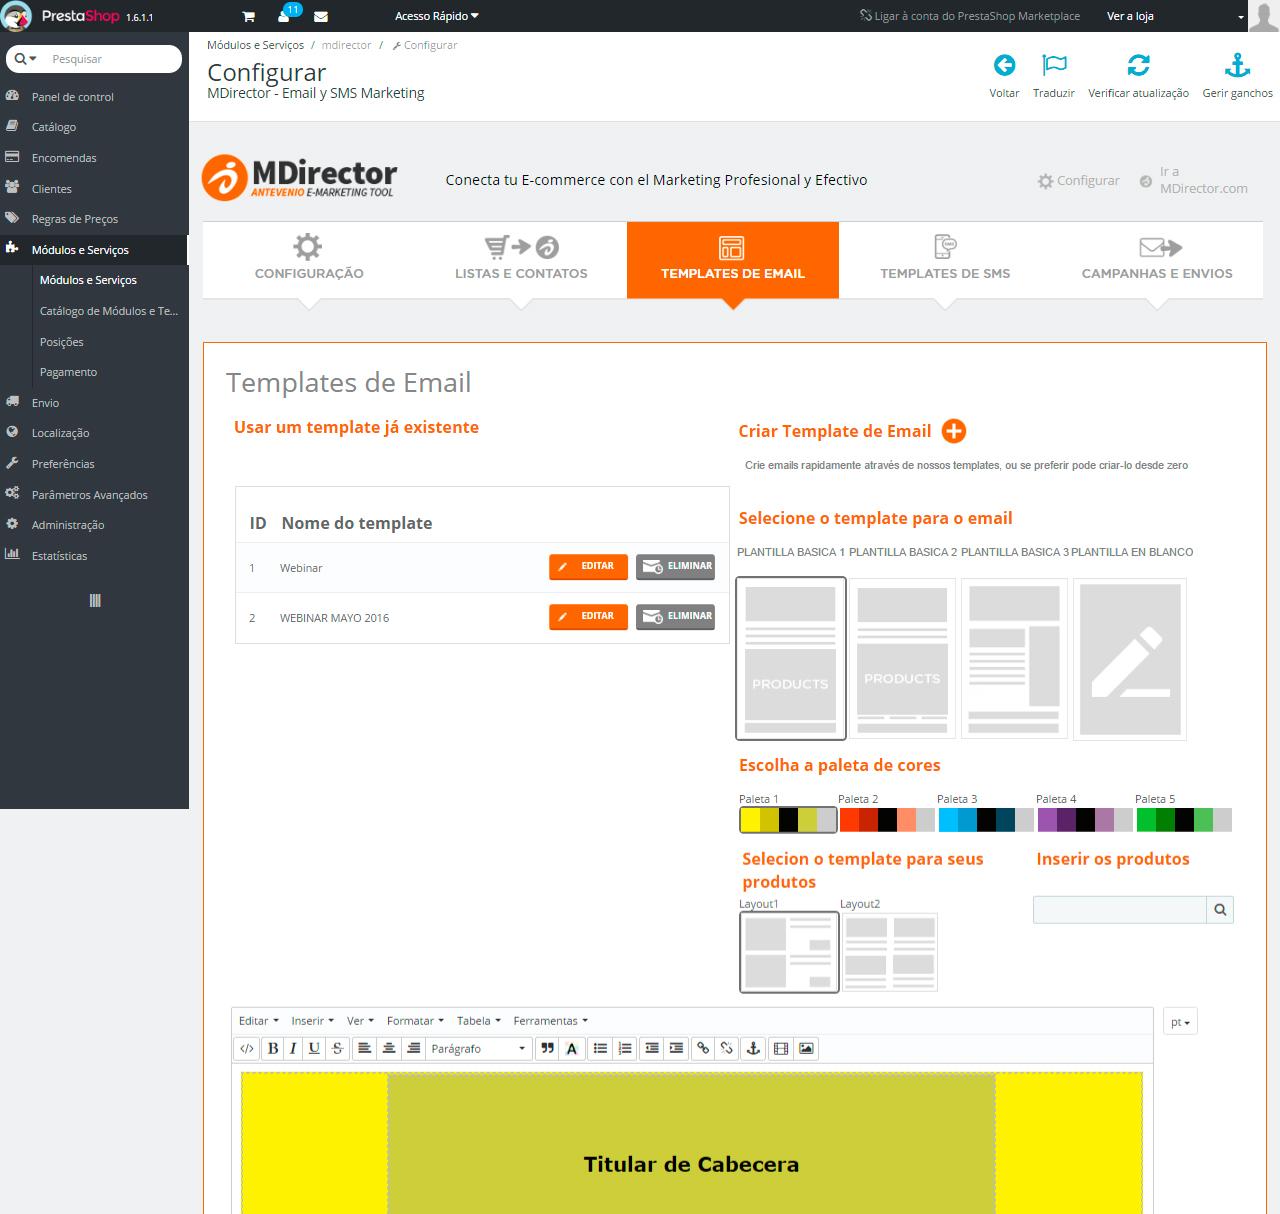 Integração com Prestashop: Criação de campanhas Email Marketing e SMS